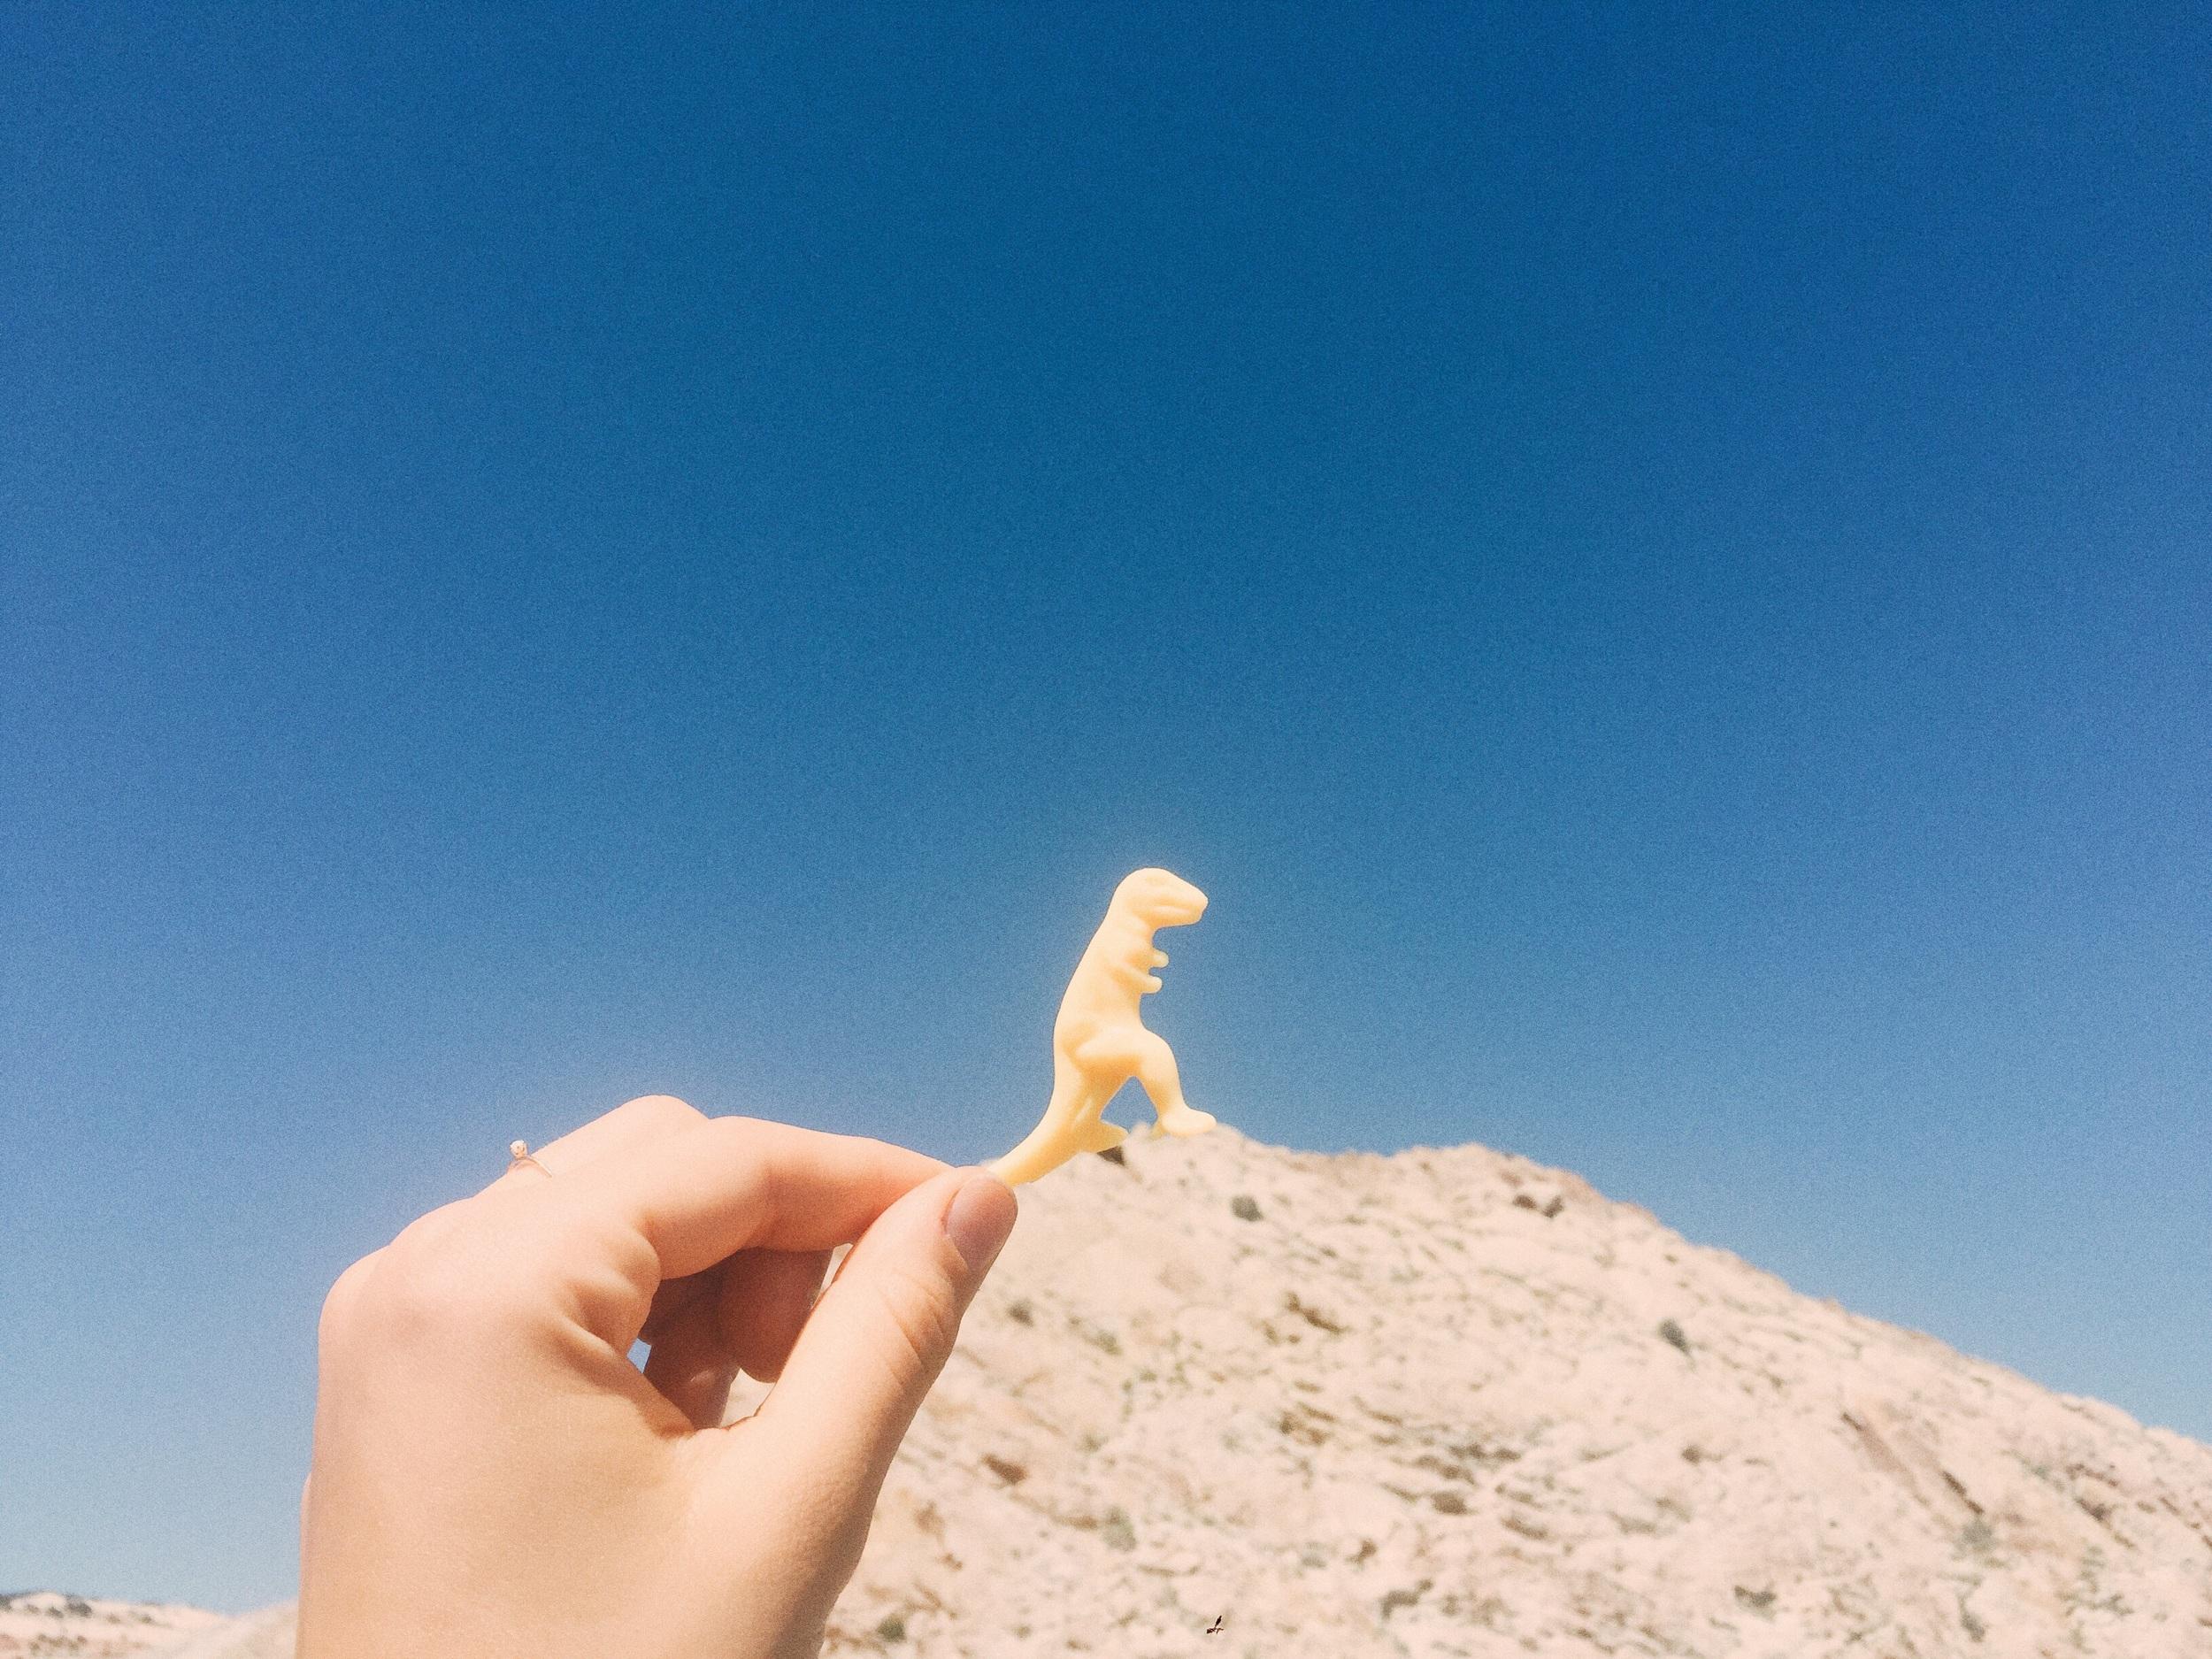 Taken in Dinosaur, CO, July '15